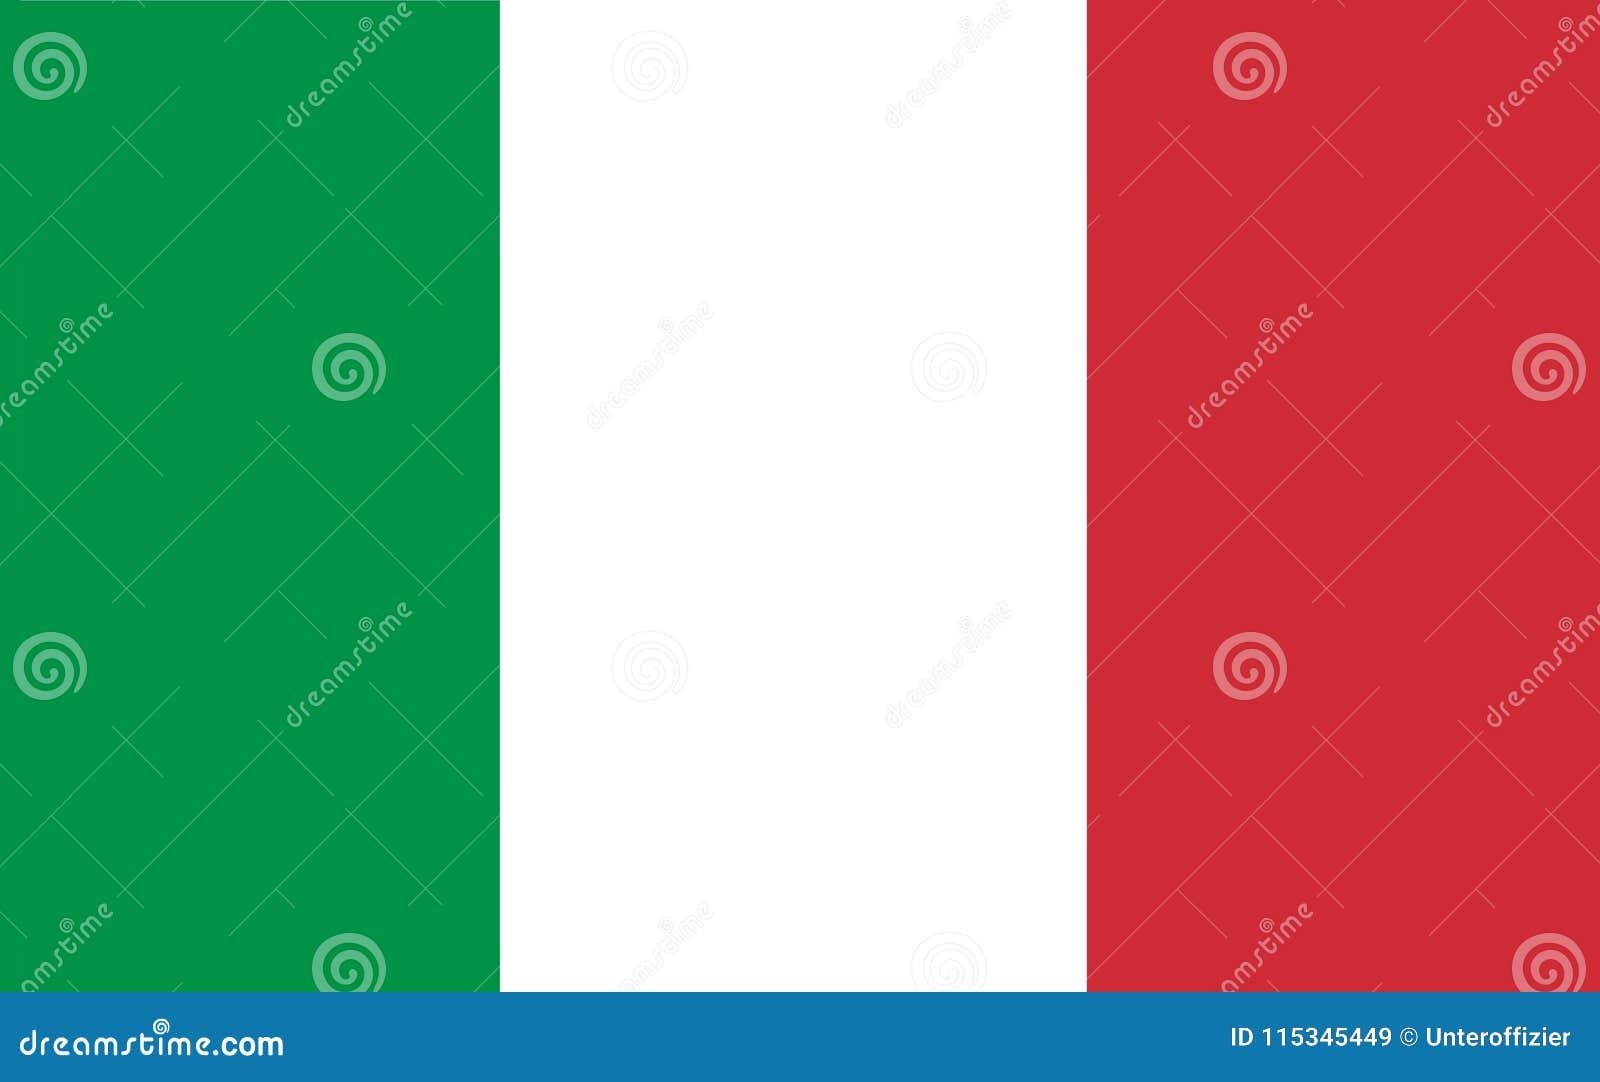 Компьютер произвел иллюстрацию графиков флага Италии